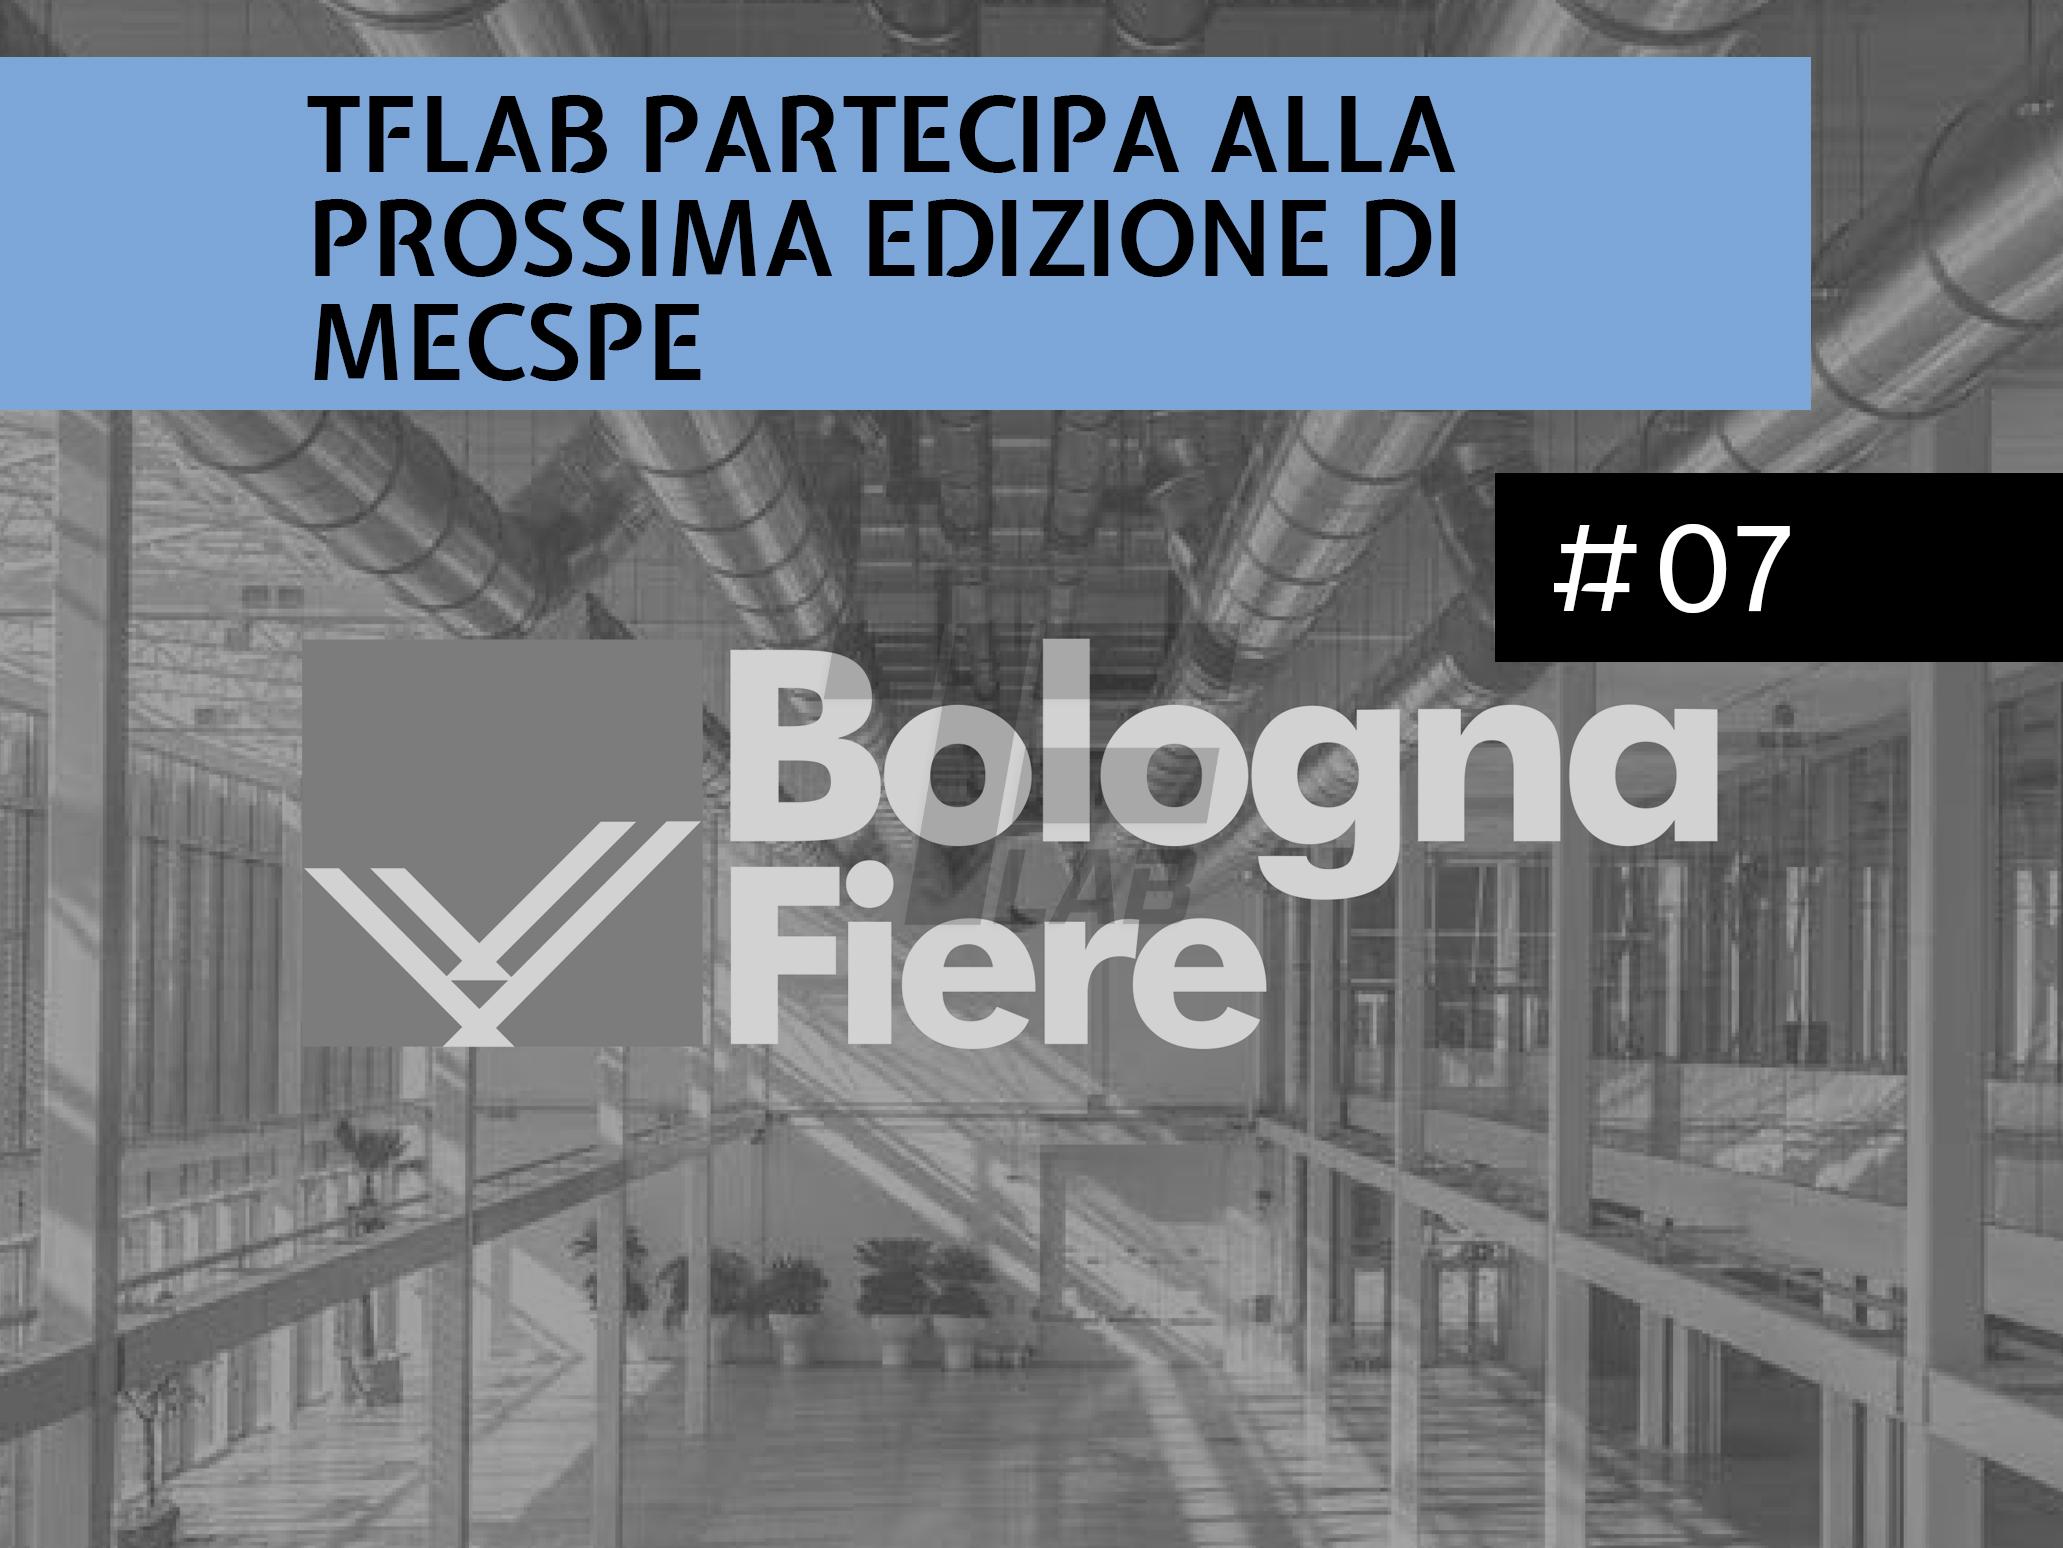 TFLab partecipa alla prossima edizione di MECSPE